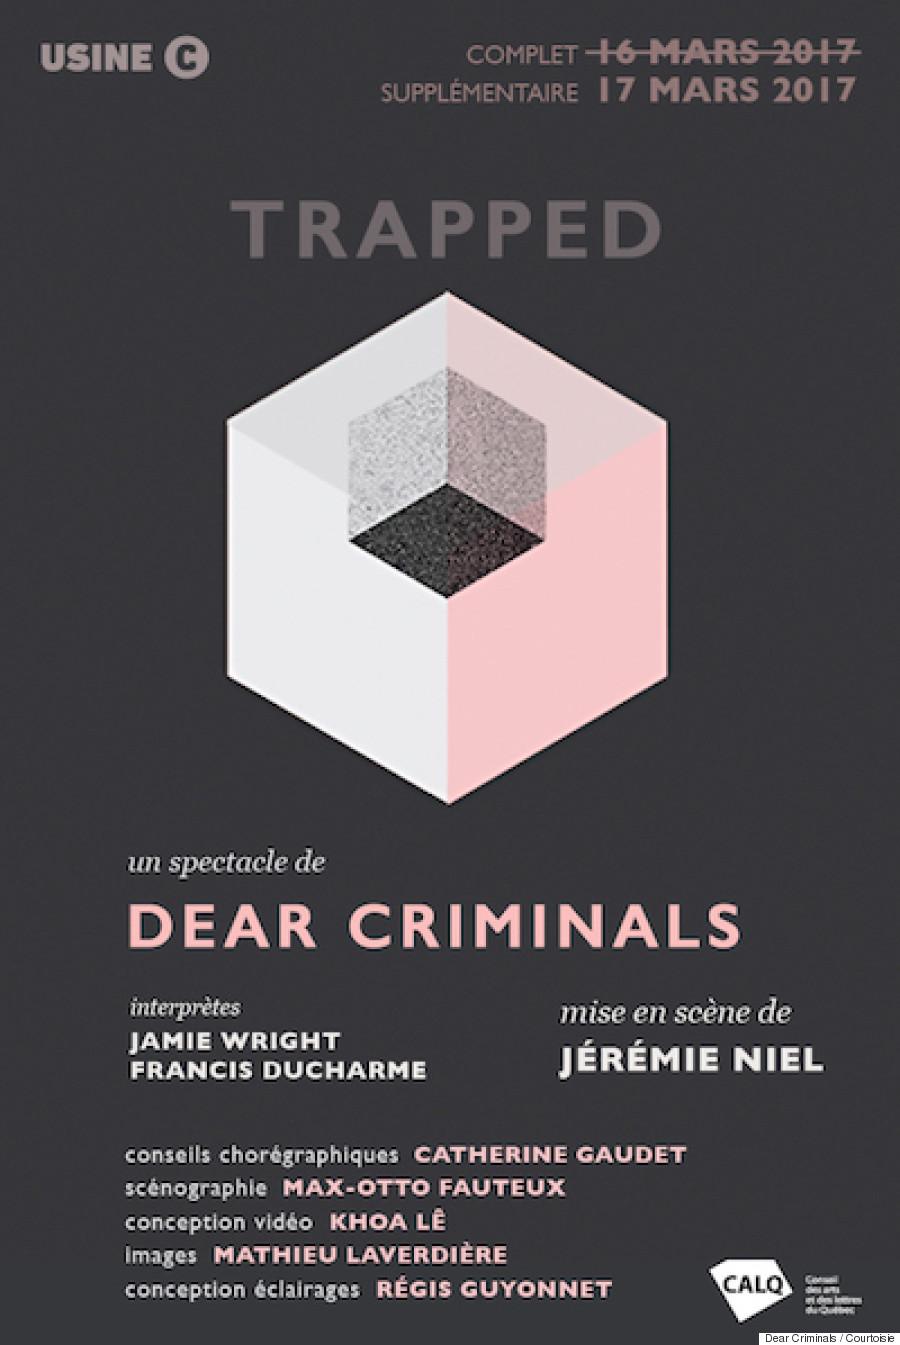 dear criminals